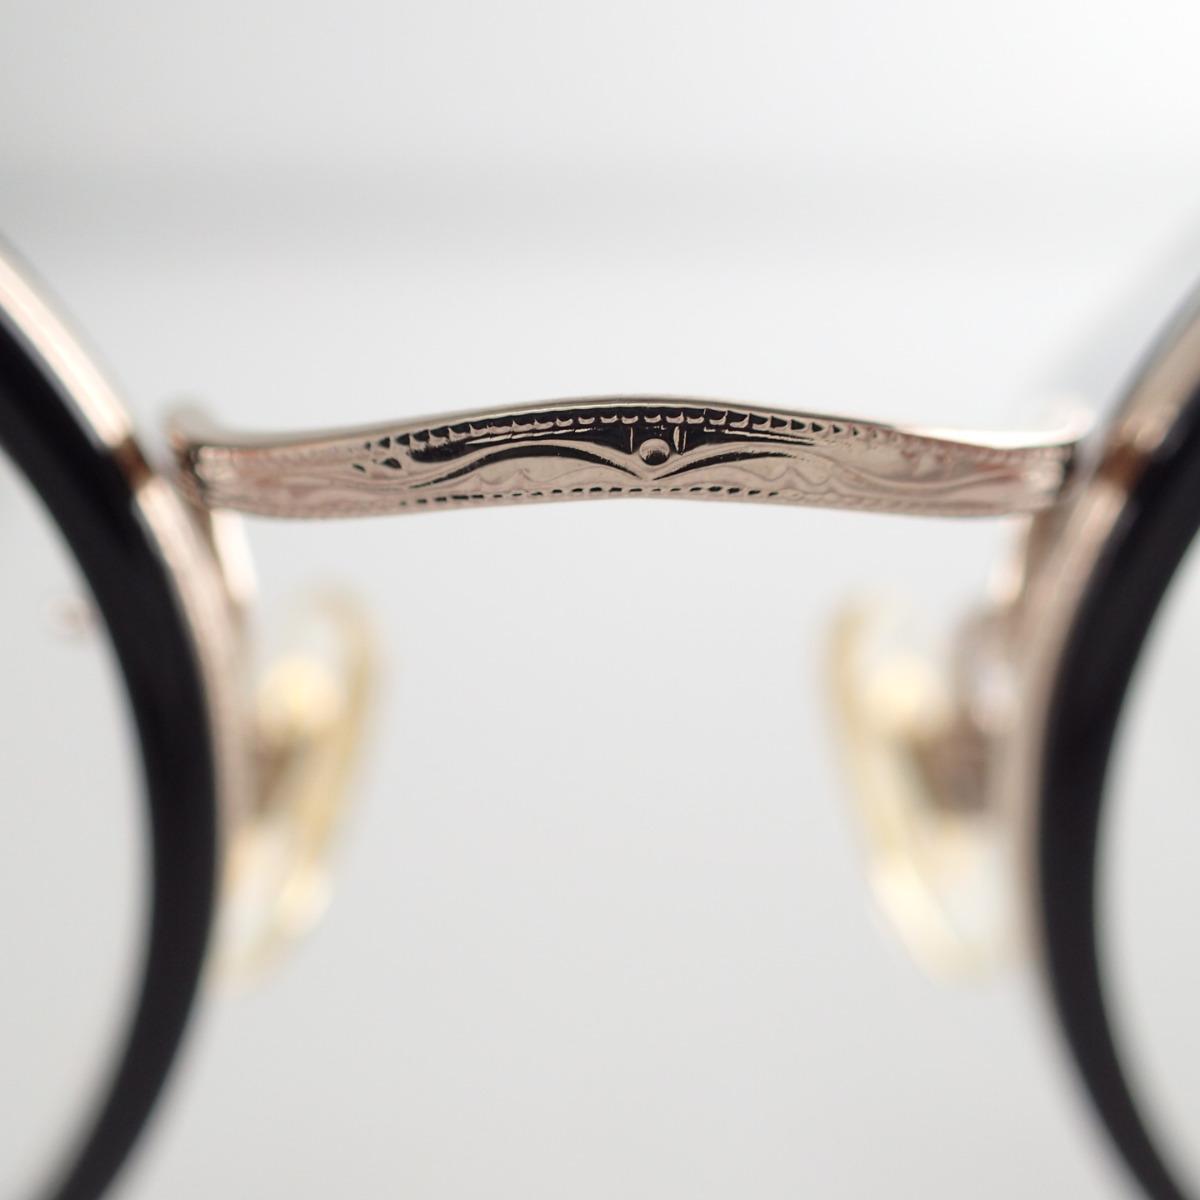 白山眼鏡 A2 度入りレンズ ボストン型 コンビメガネフレーム ブラック ゴールドk8XnO0wP